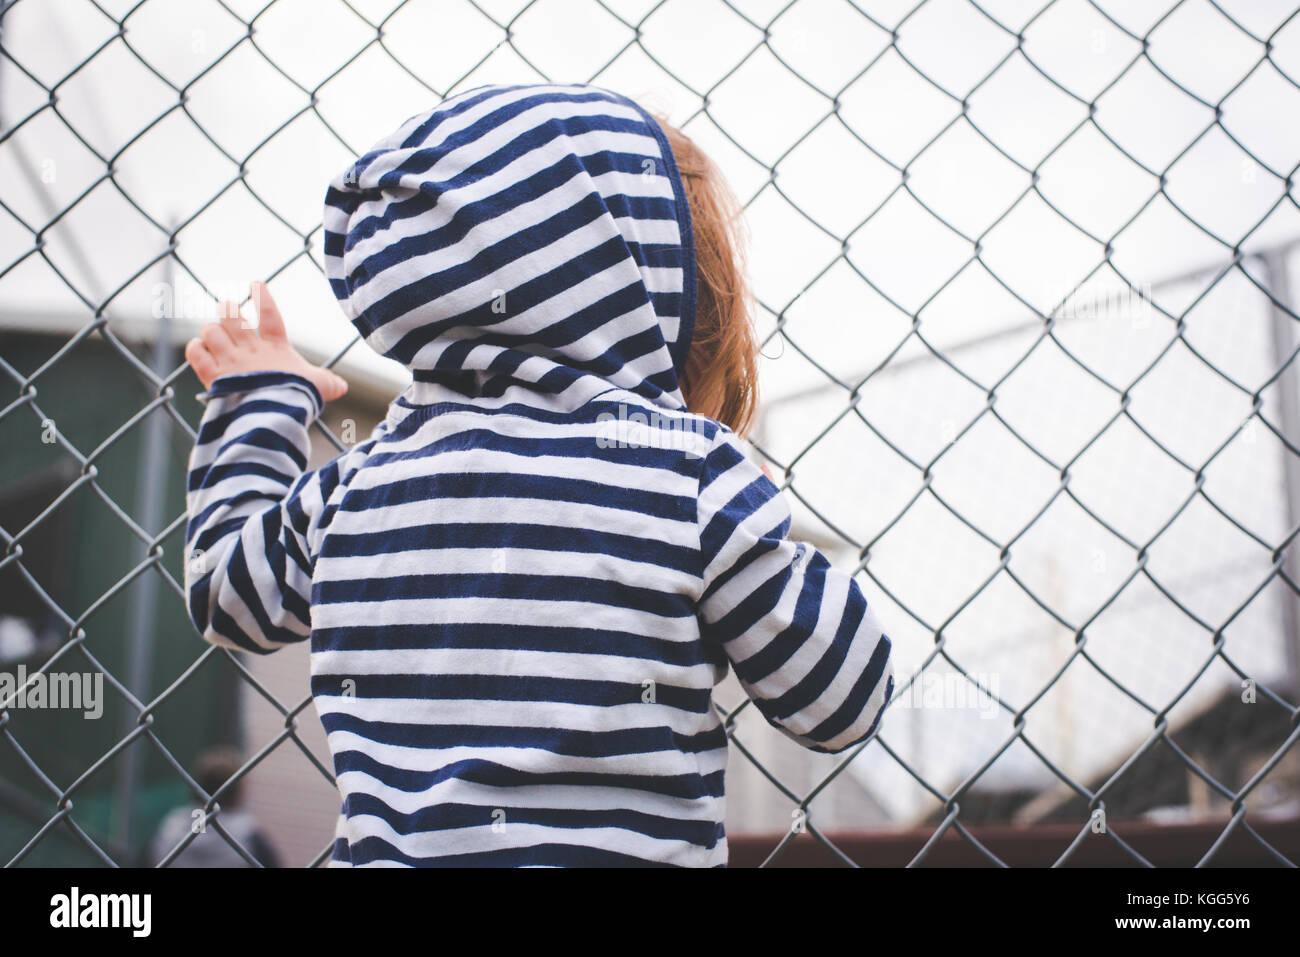 Il bambino si blocca su un recinto e si guarda attraverso di esso. Immagini Stock